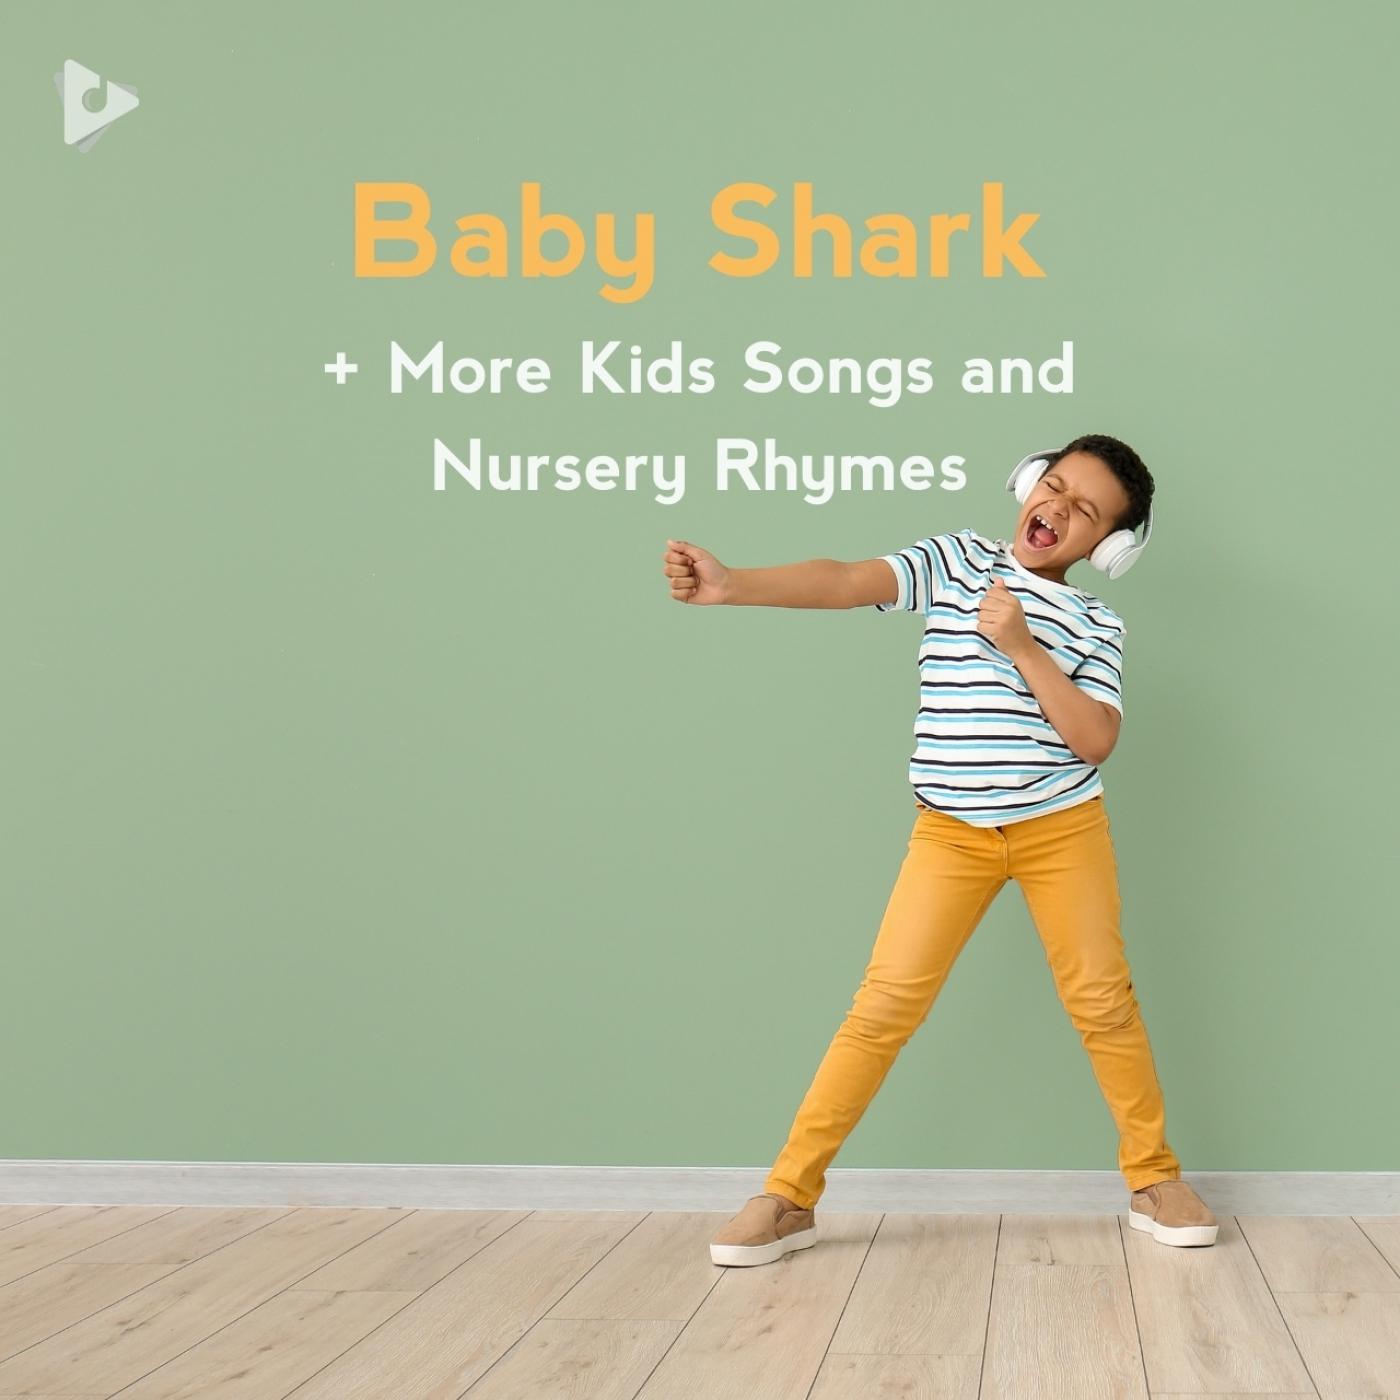 Baby Shark + More Kids Songs and Nursery Rhymes